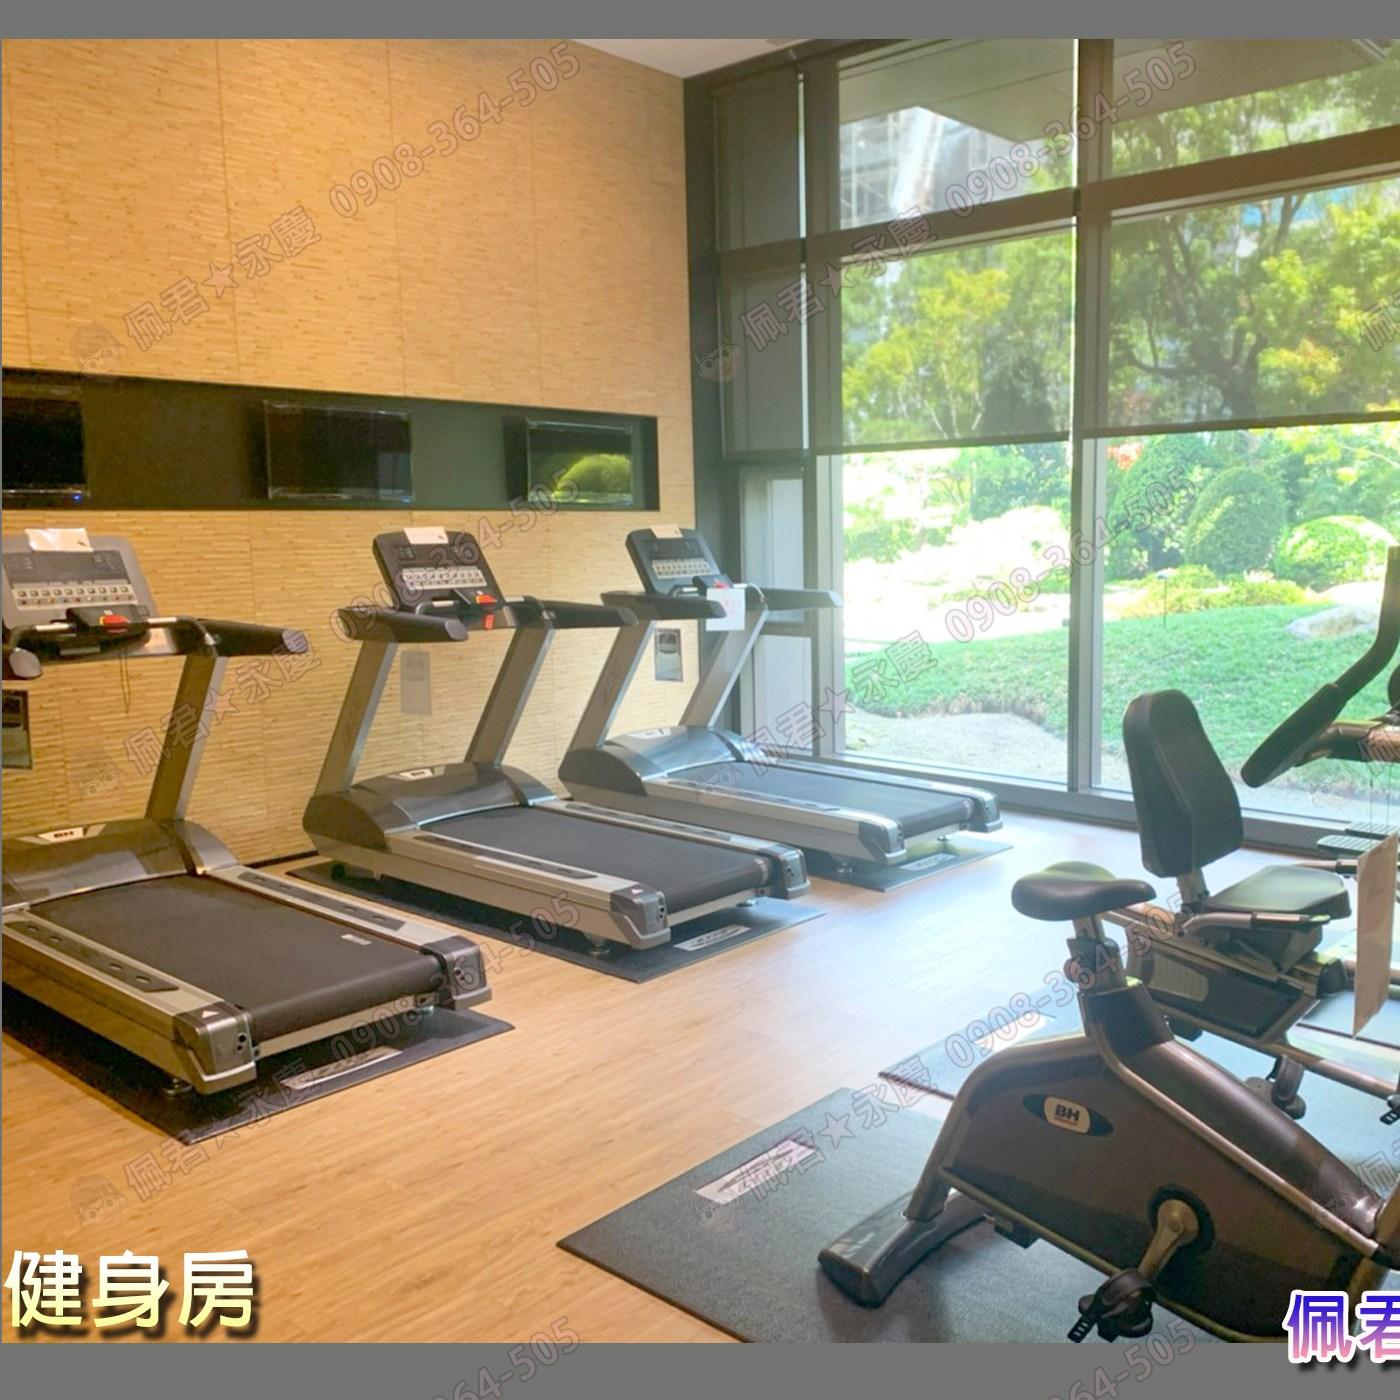 單元2惠宇大聚社區 介紹 公設介紹:健身房 佩君 0908-364-505